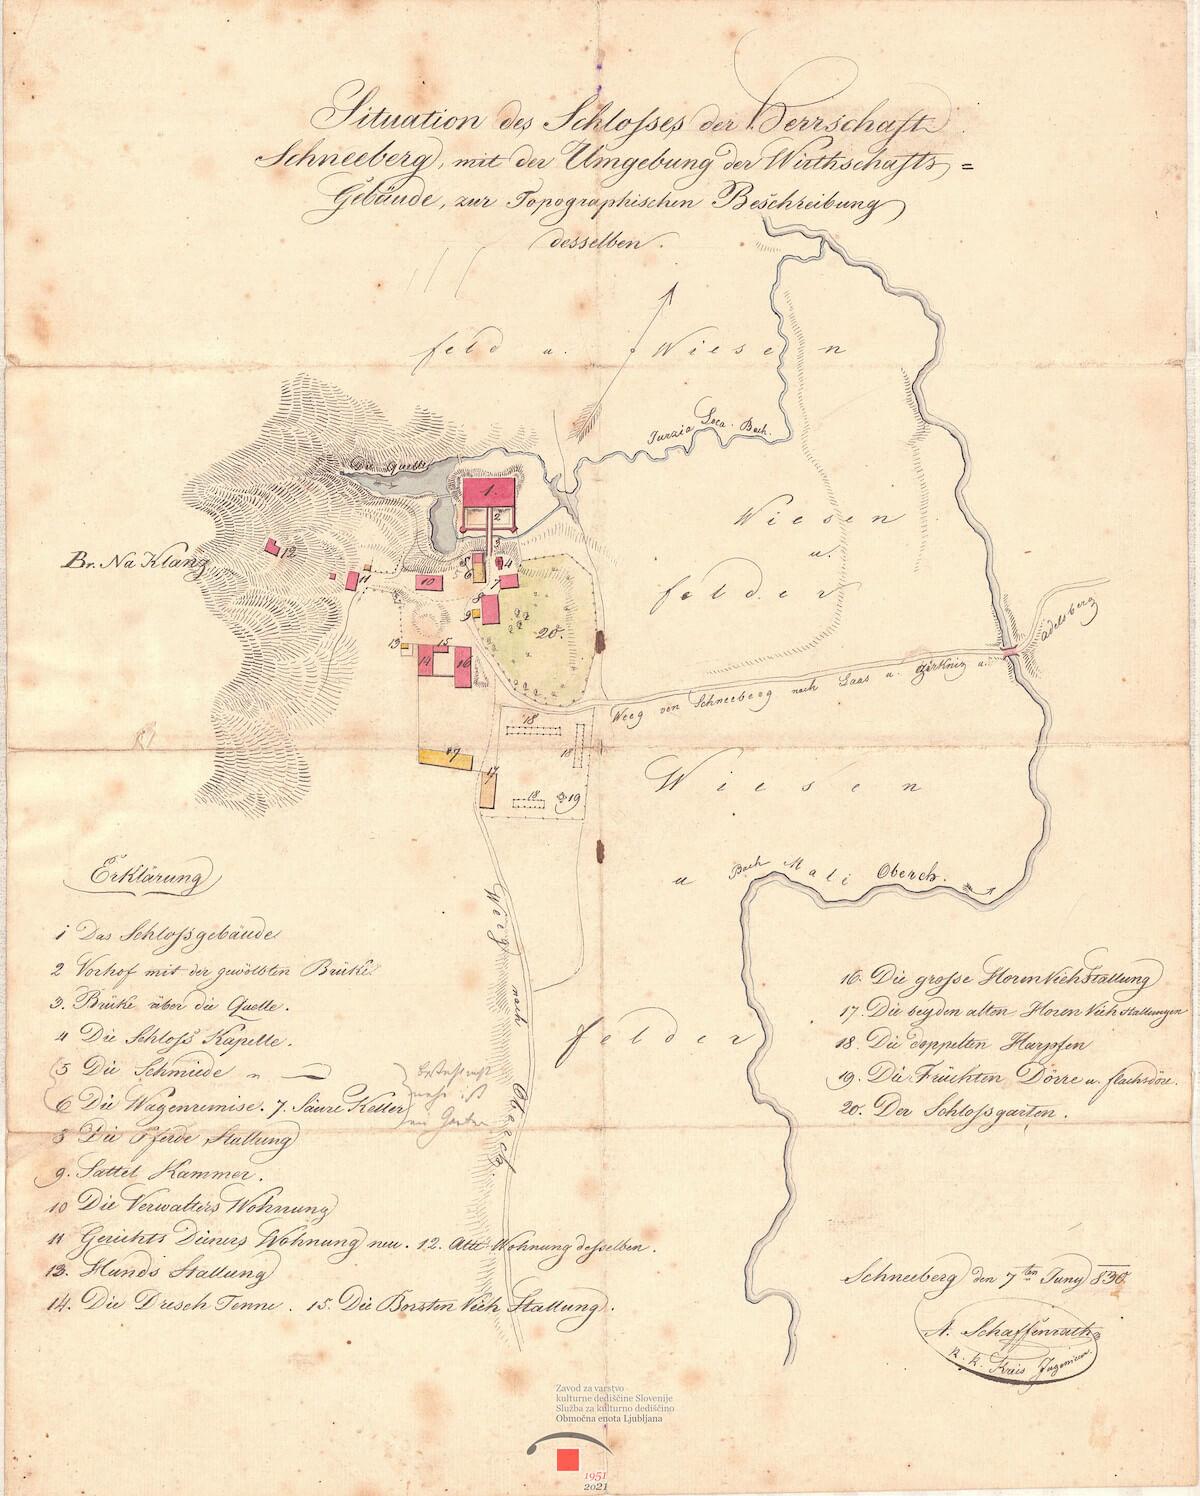 Situacijski načrt gradu Snežnik z gospodarskimi poslopji in pripadajočim posestvom, 1830v